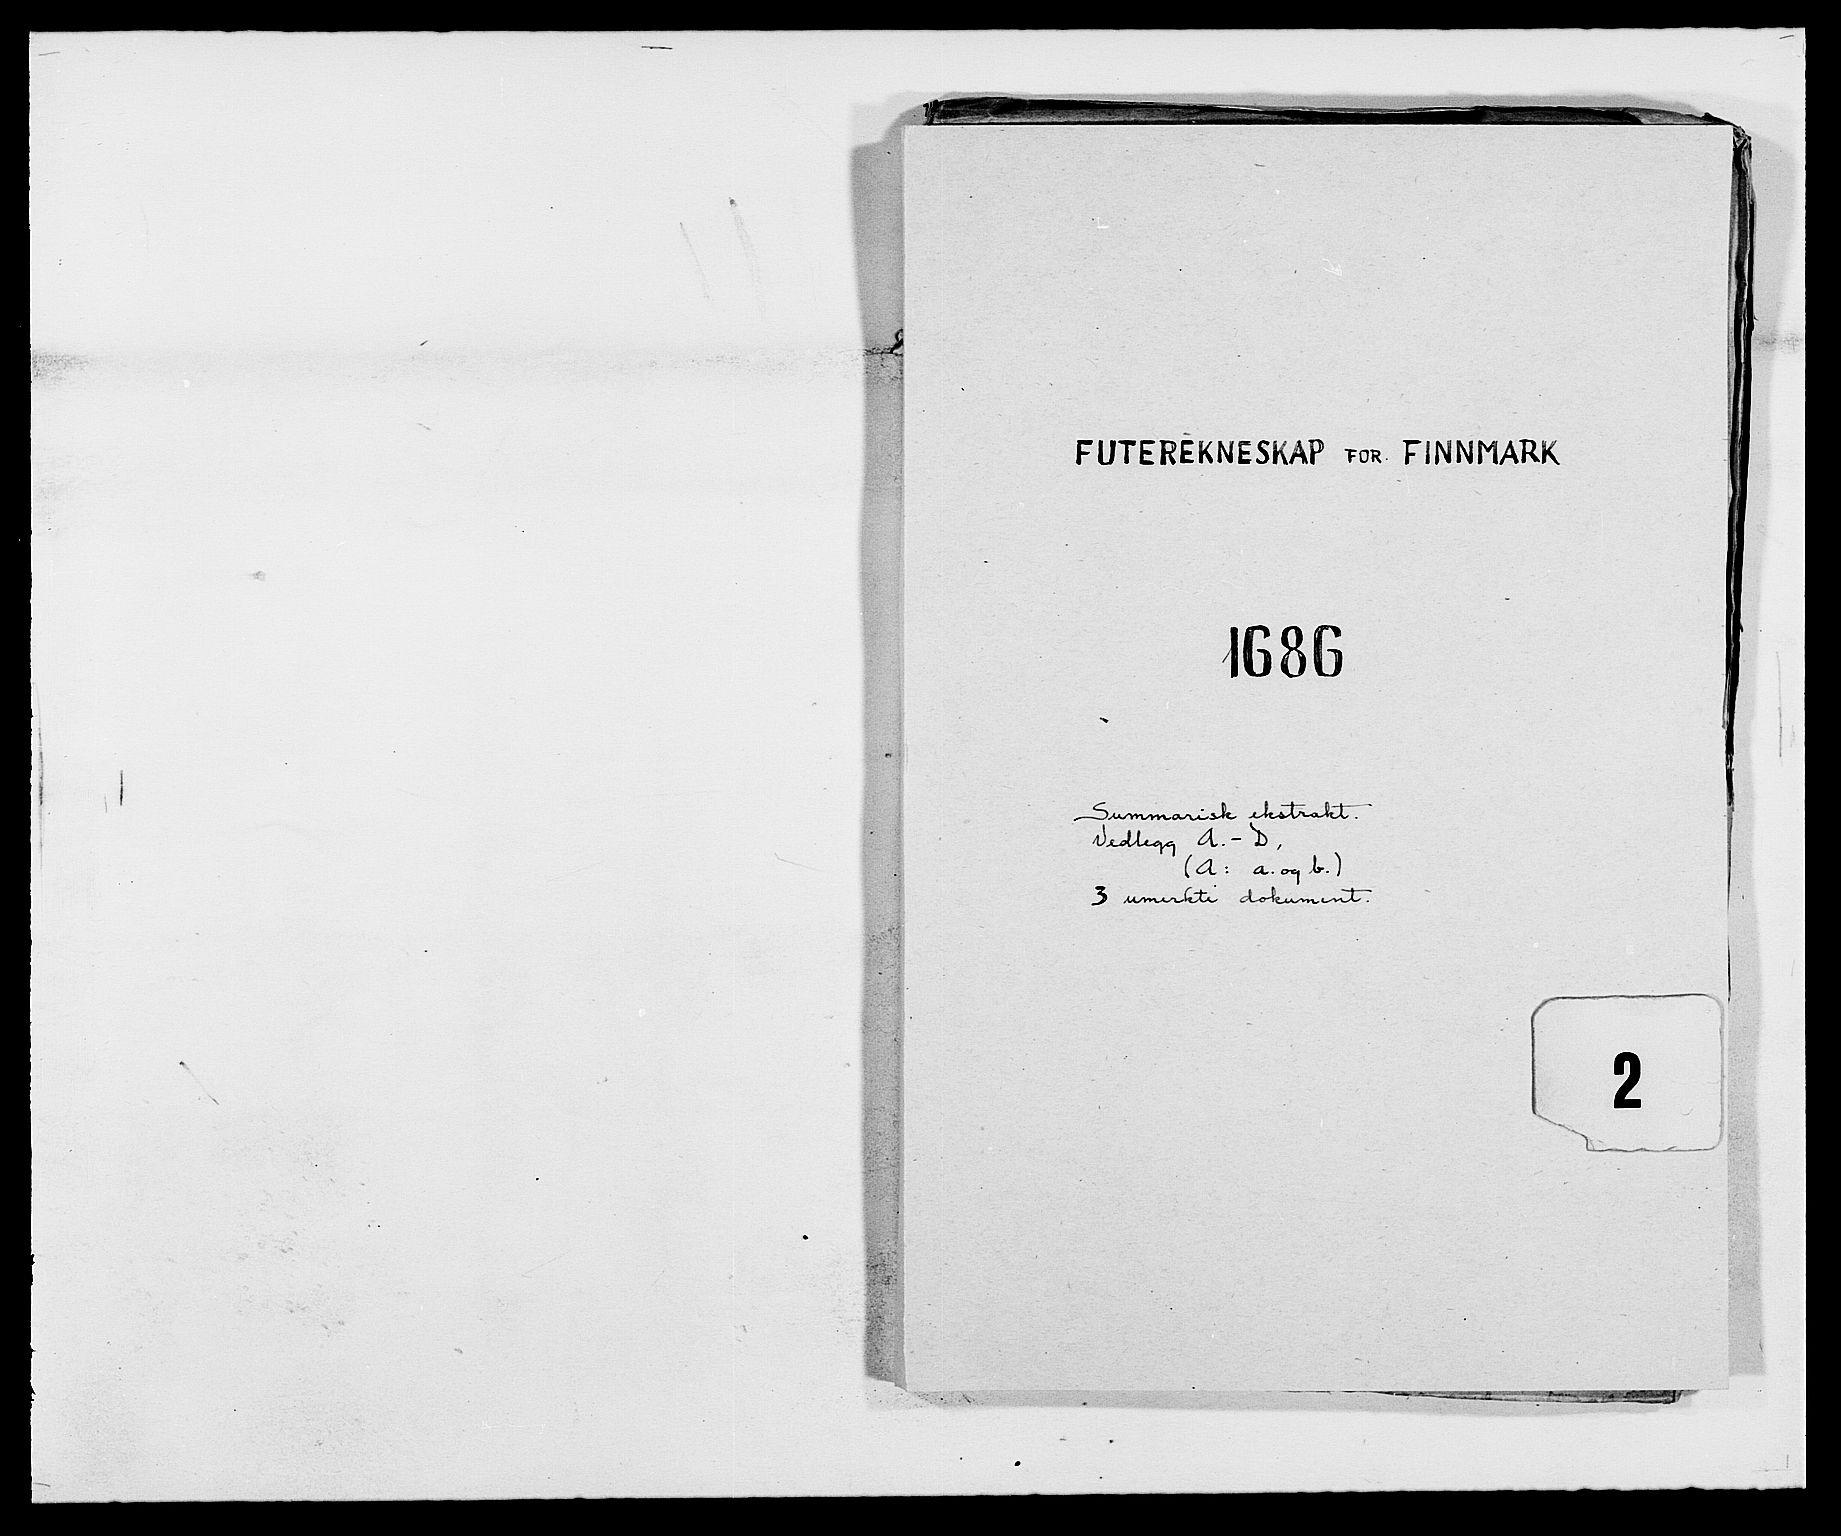 RA, Rentekammeret inntil 1814, Reviderte regnskaper, Fogderegnskap, R69/L4850: Fogderegnskap Finnmark/Vardøhus, 1680-1690, s. 26